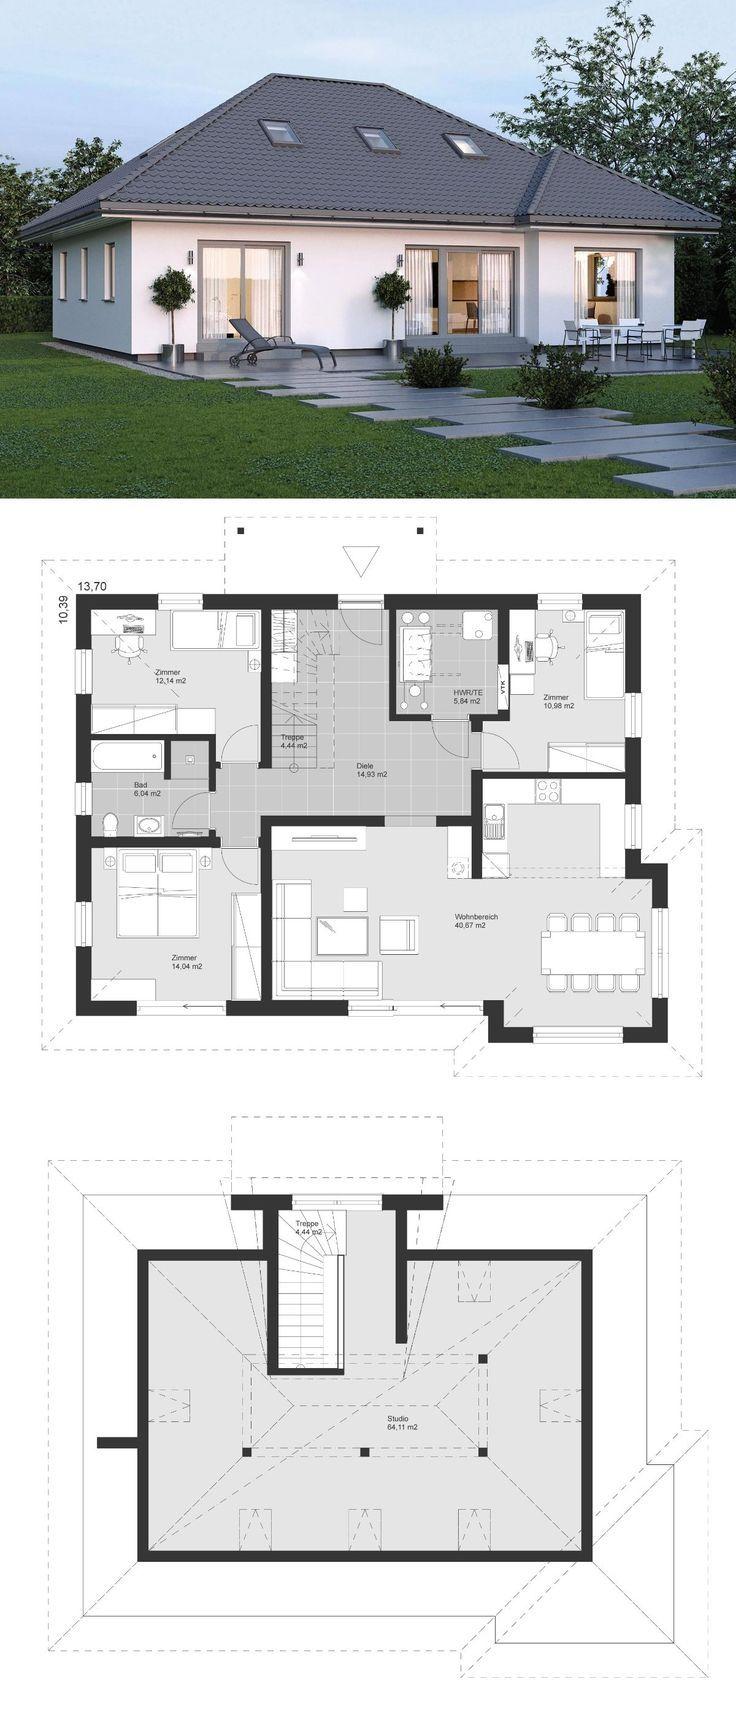 Bungalow Haus Modern Mit Walmdach Architektur 5 Zimmer